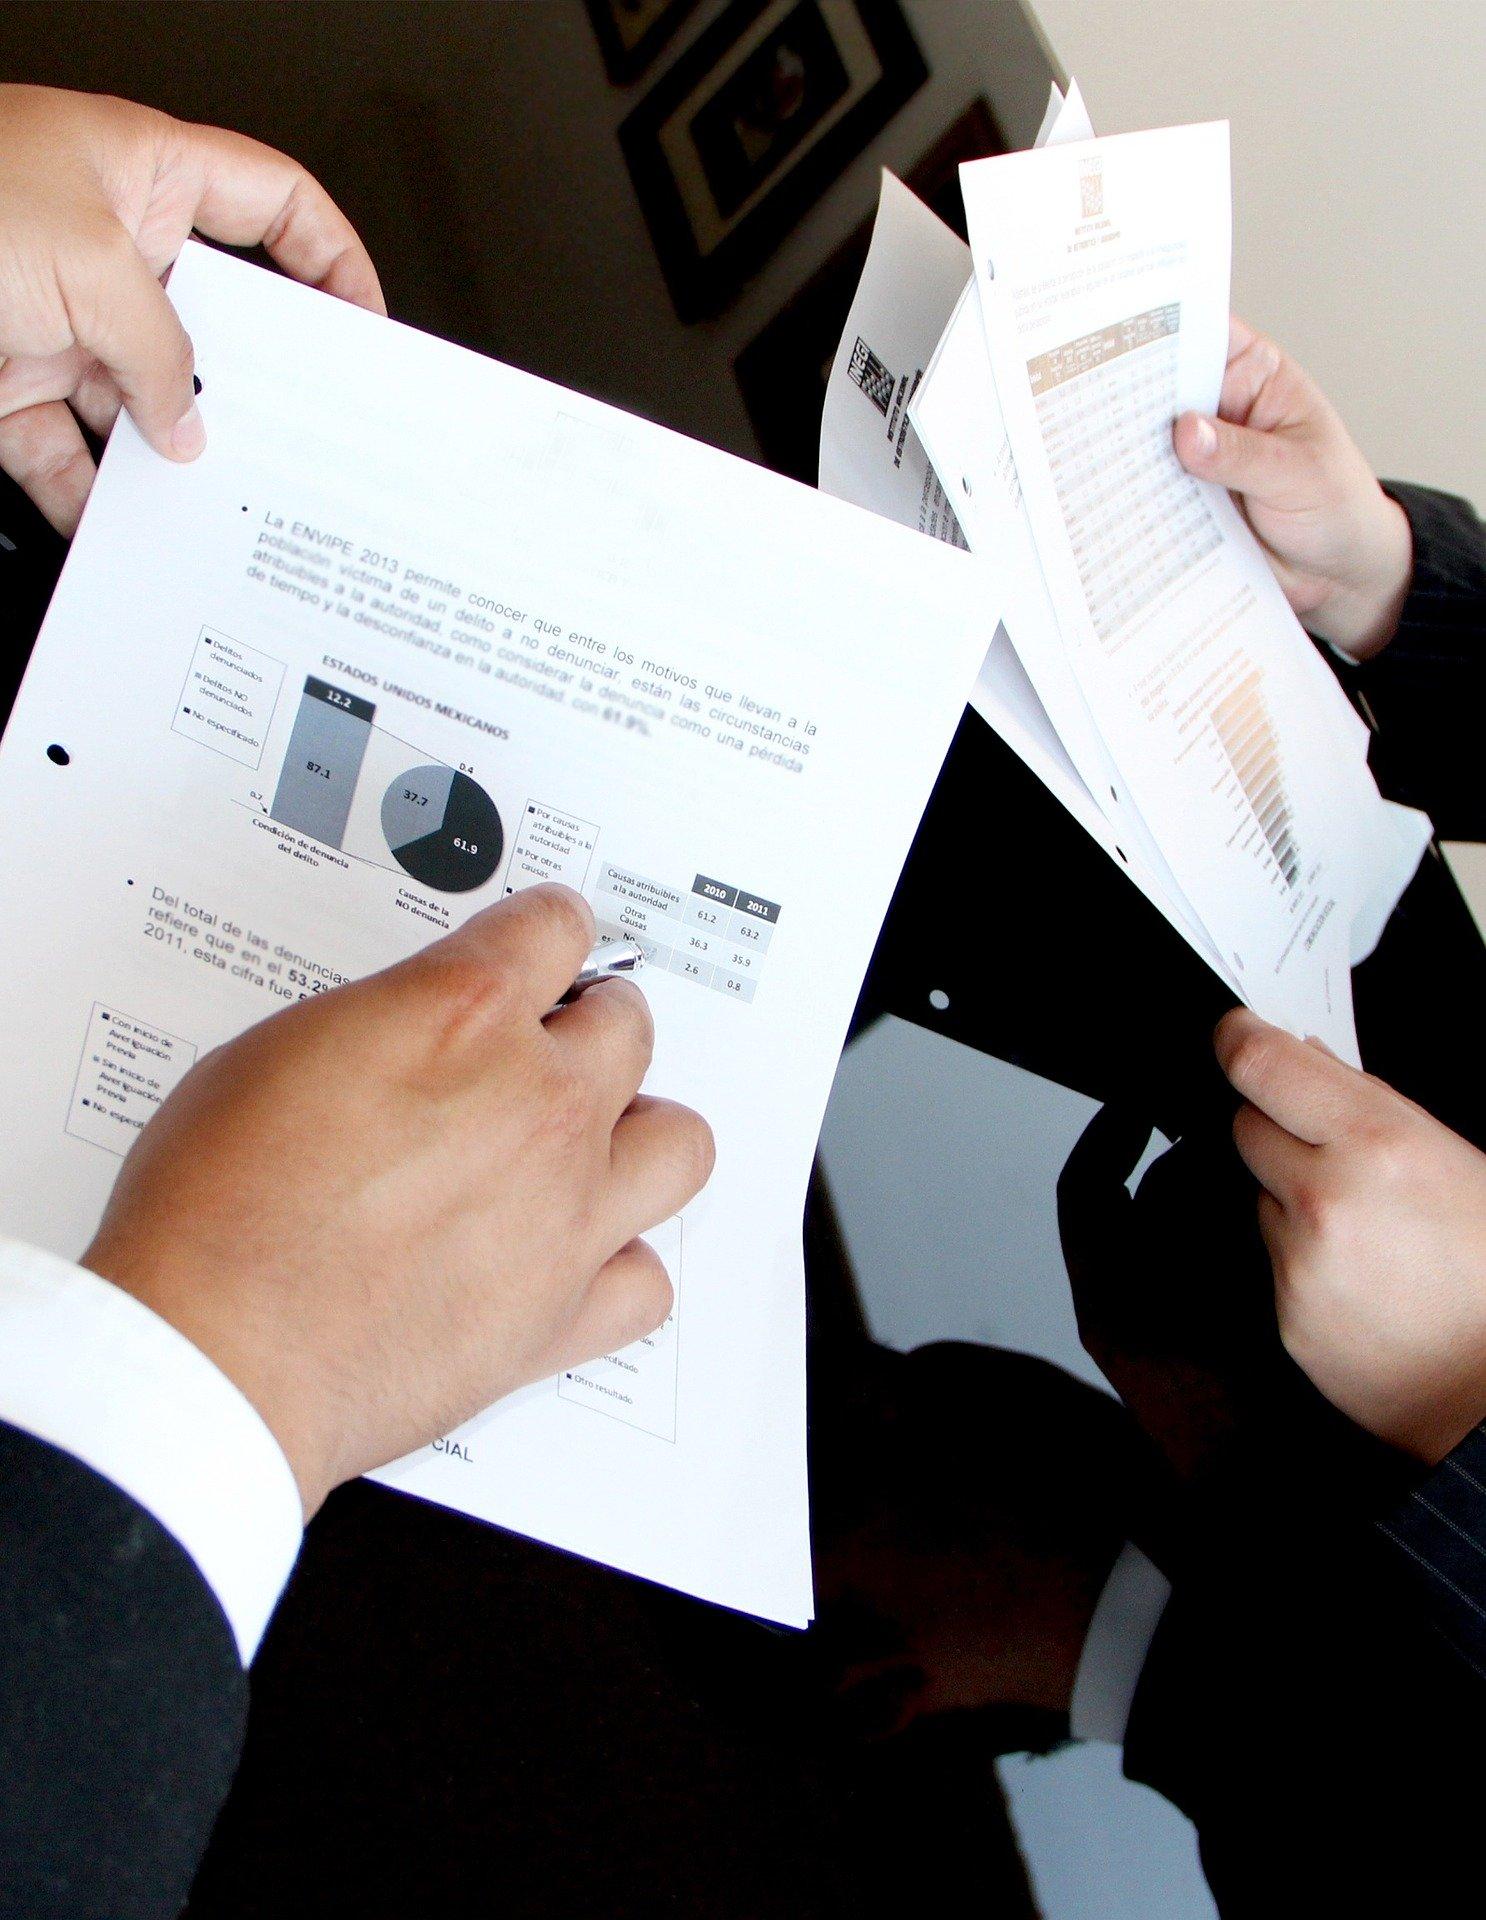 投資の基礎 財務諸表編 第1回目 財務3表について